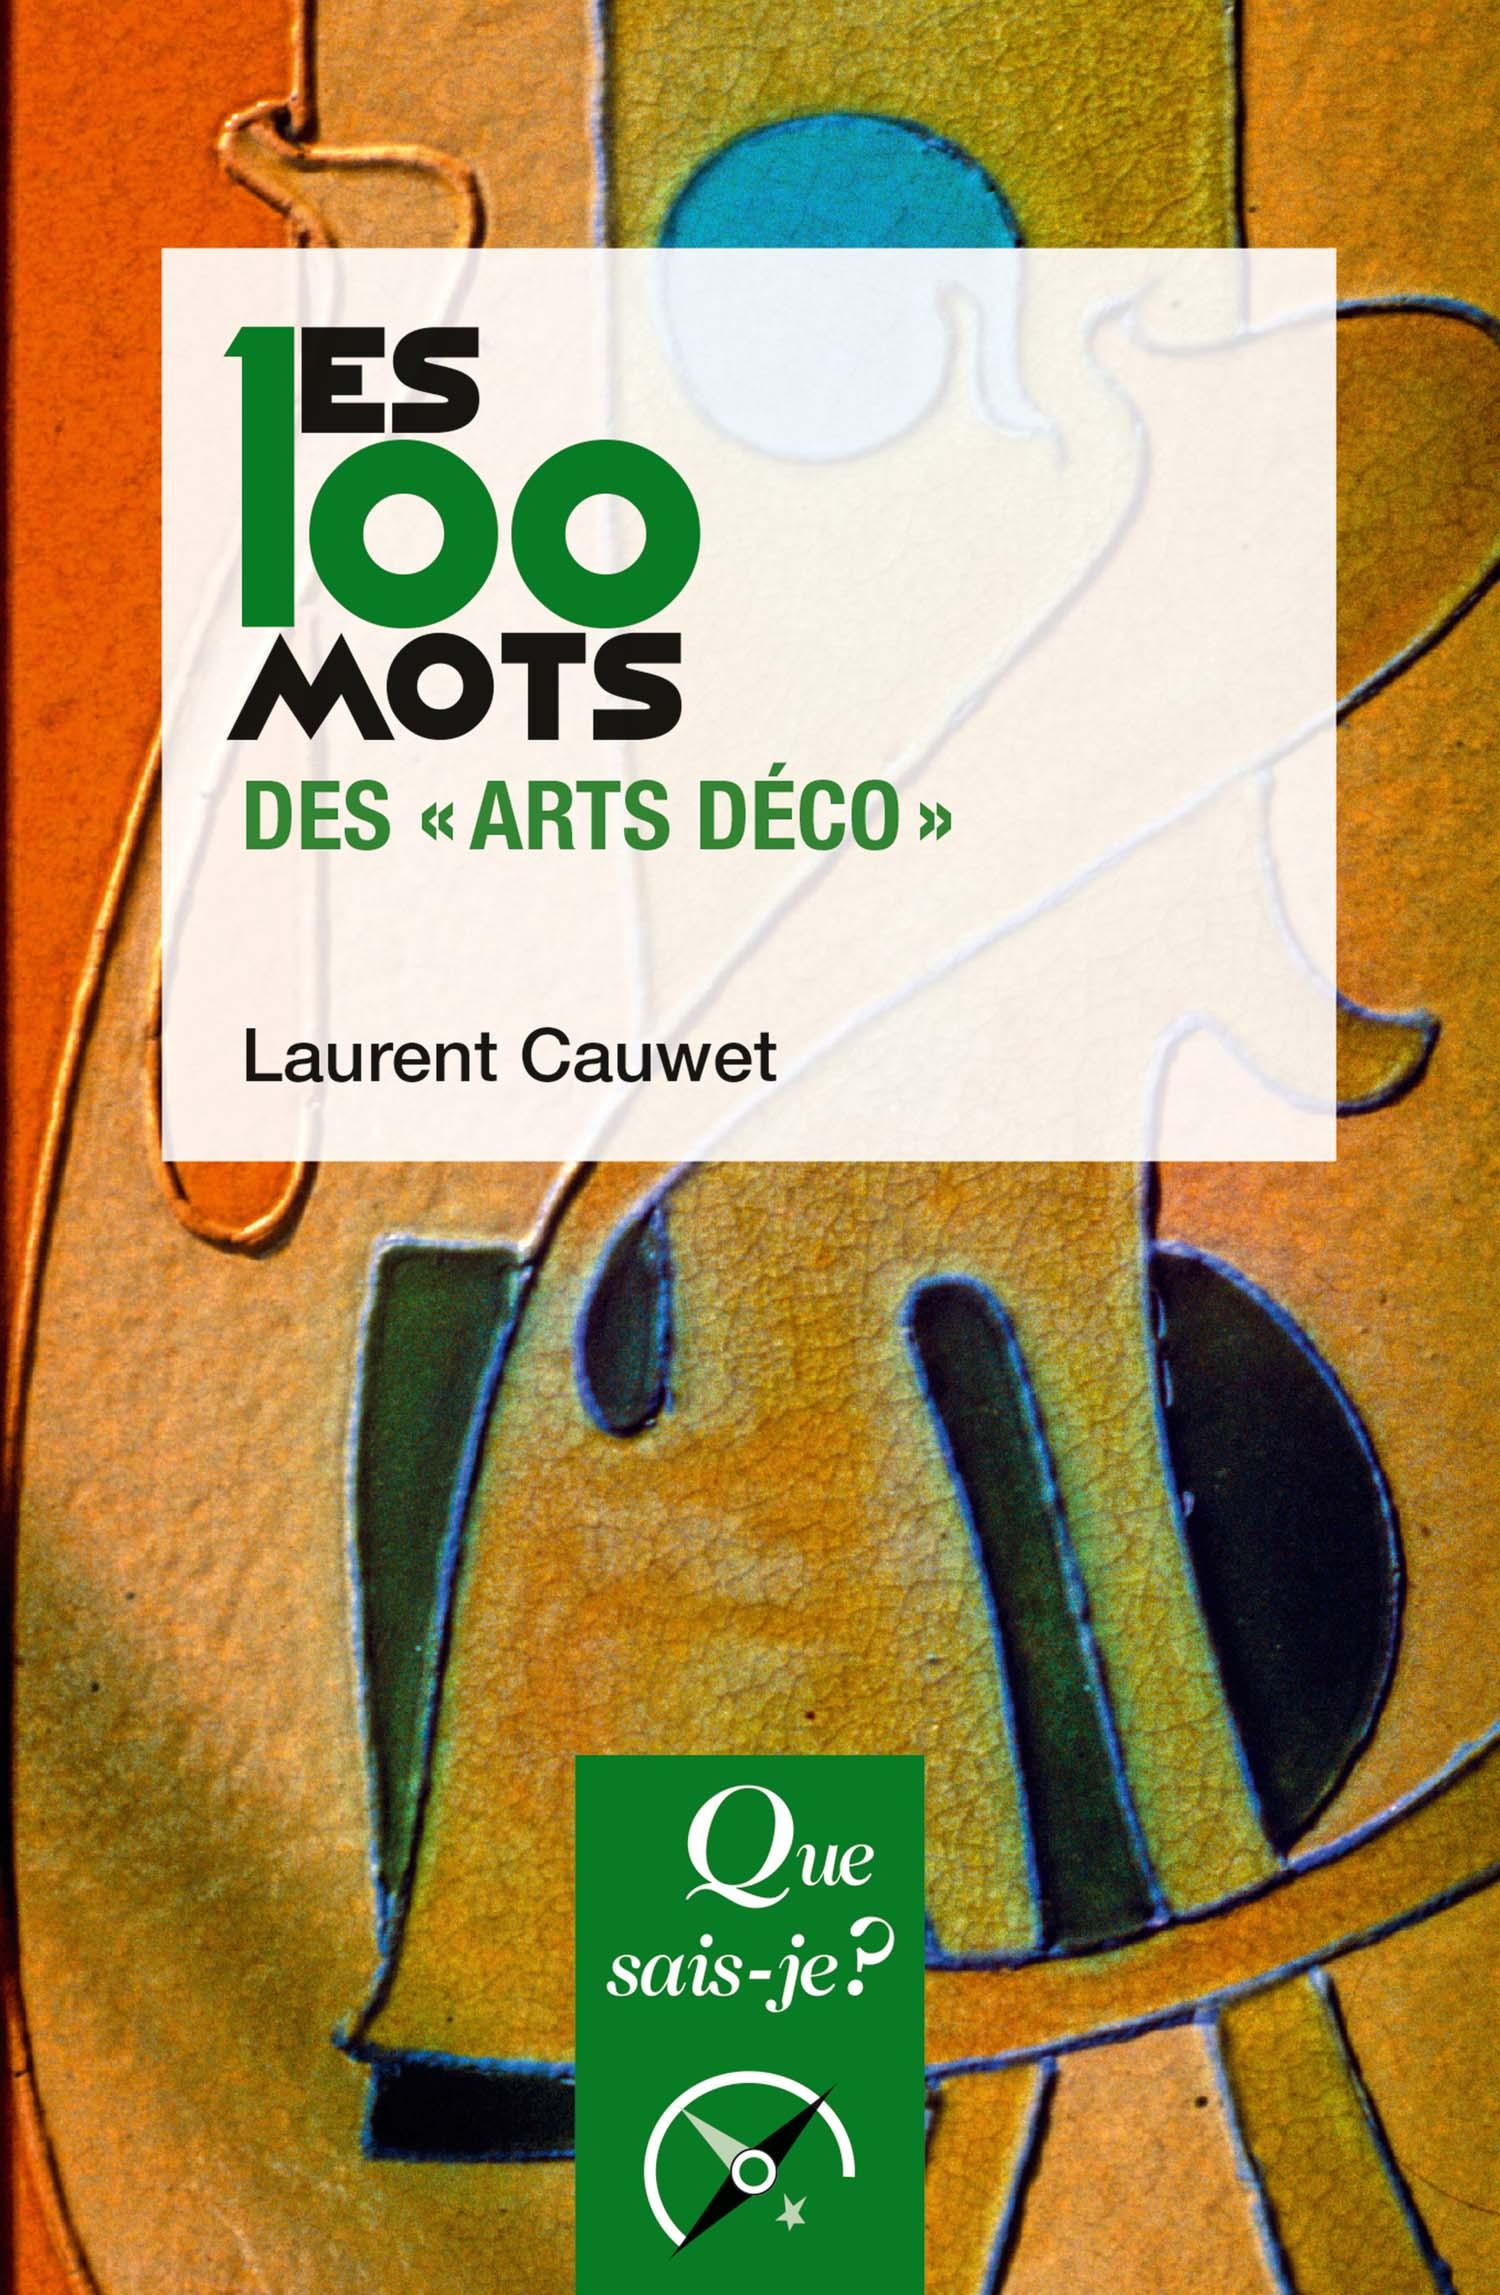 """les 100 mots des """"arts déco"""" - laurent cauwet - les 100 mots"""